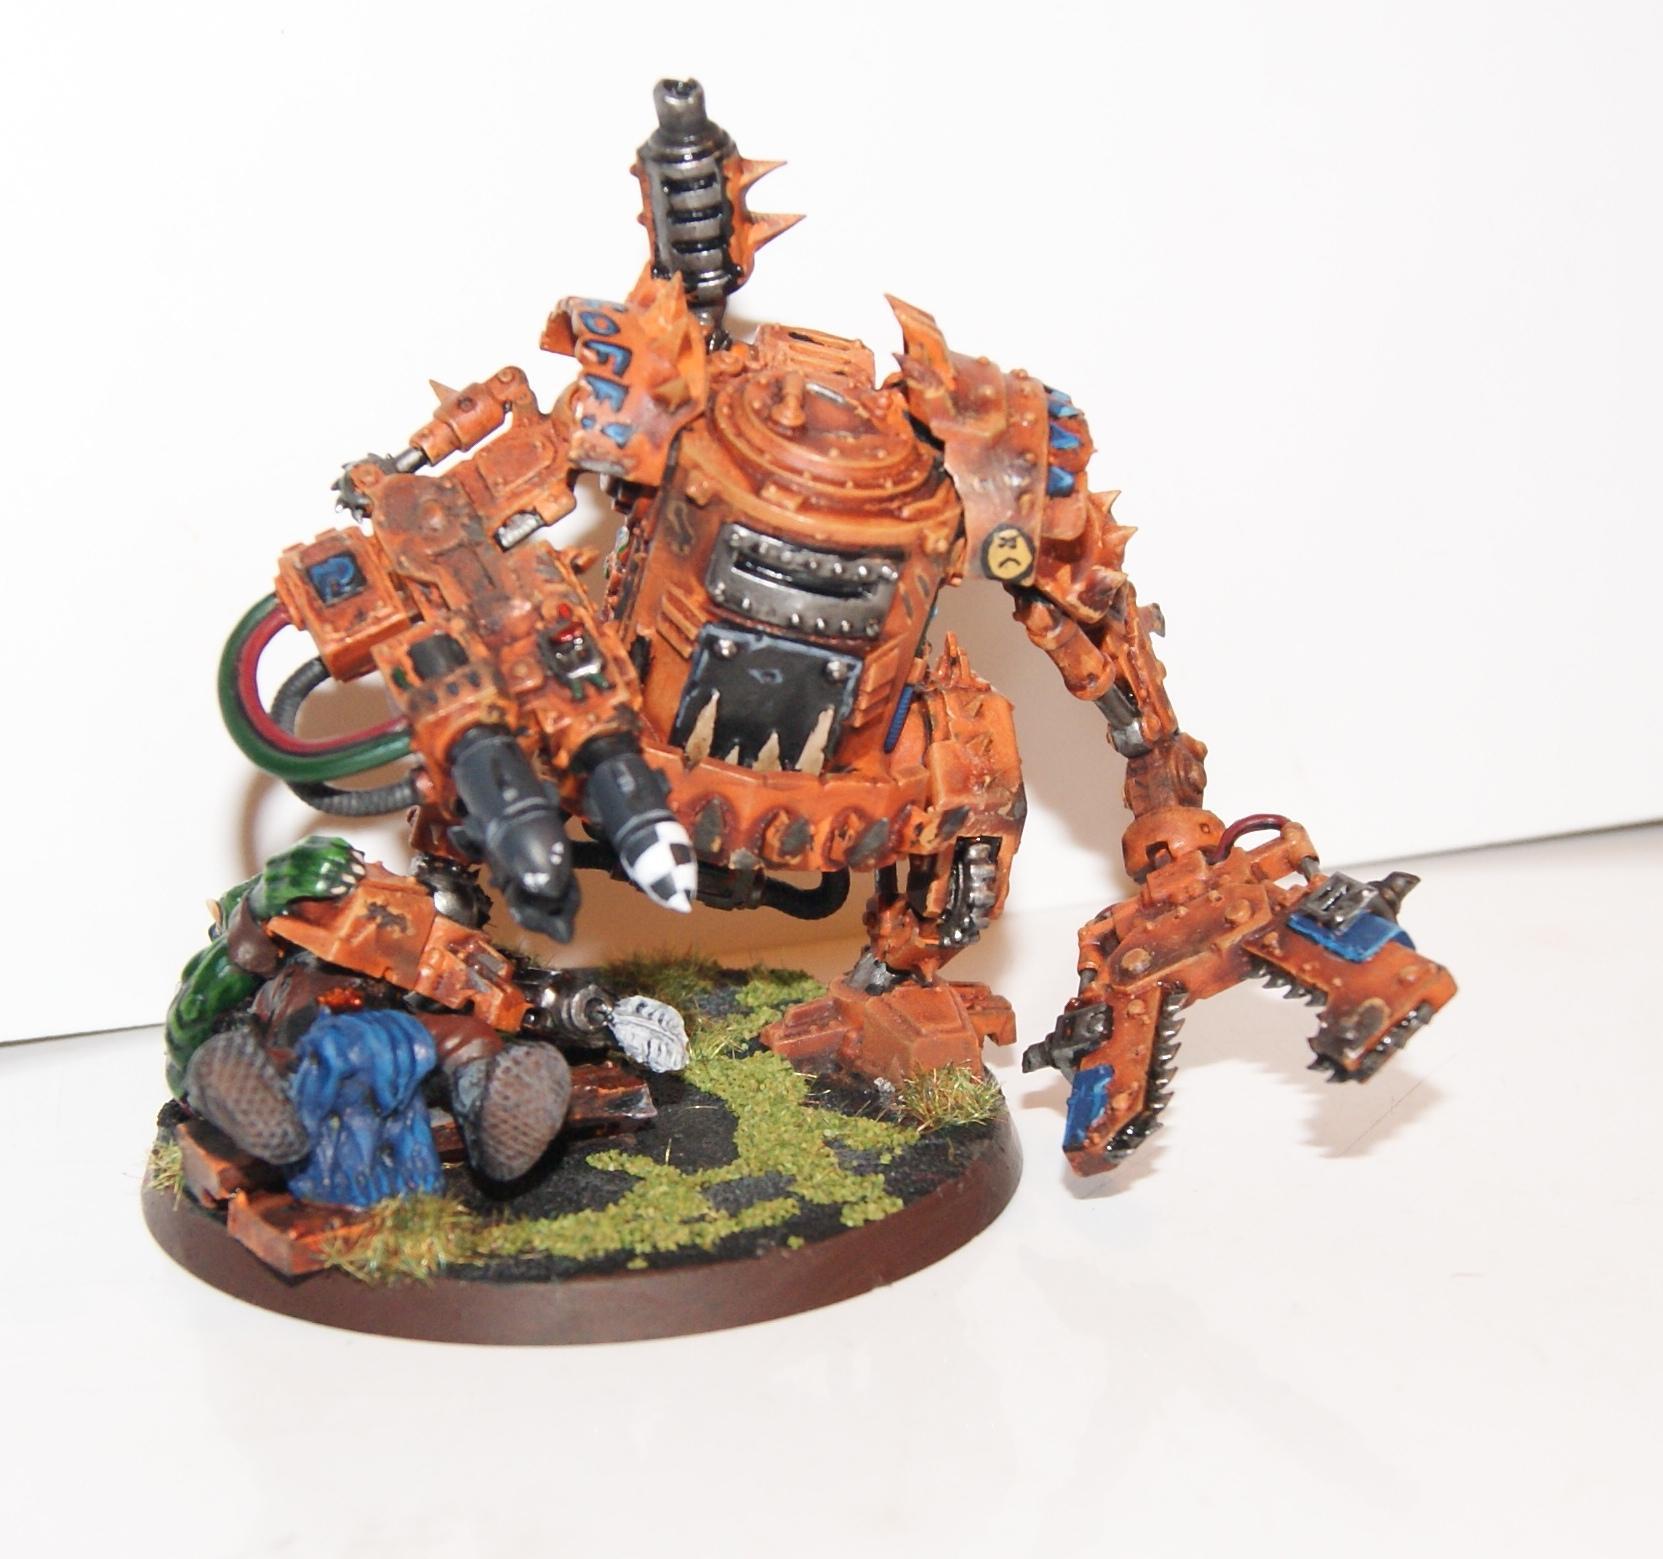 Conversion, Grot Rebellion, Grot Rebels, Killa Kan, Orks, Warhammer 40,000